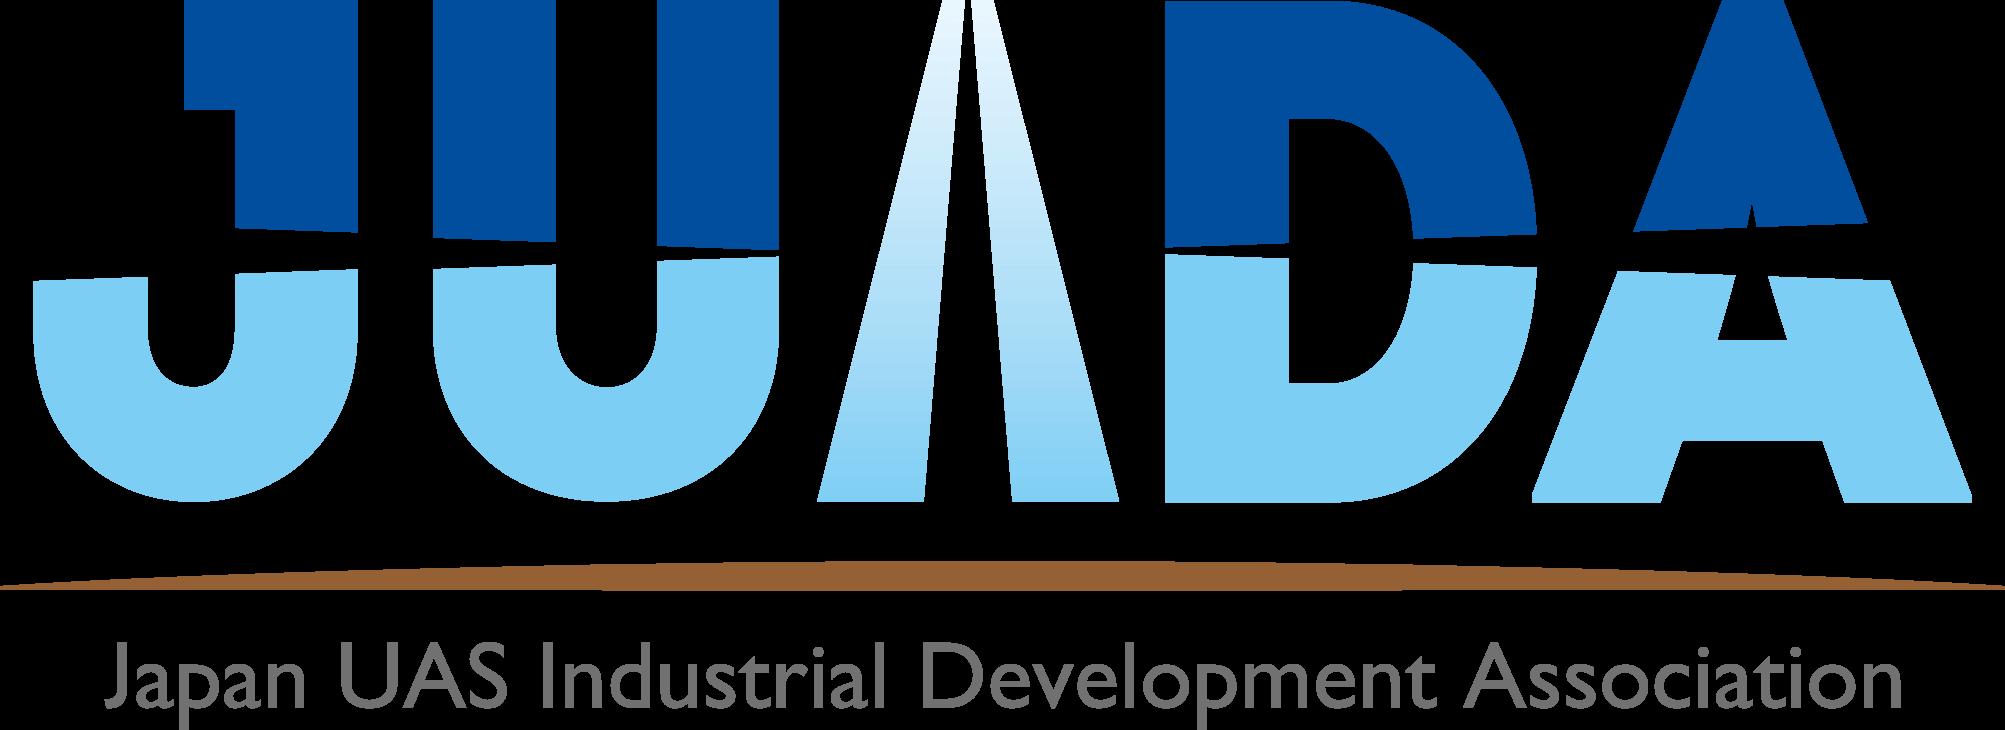 JUIDA資格ロゴ